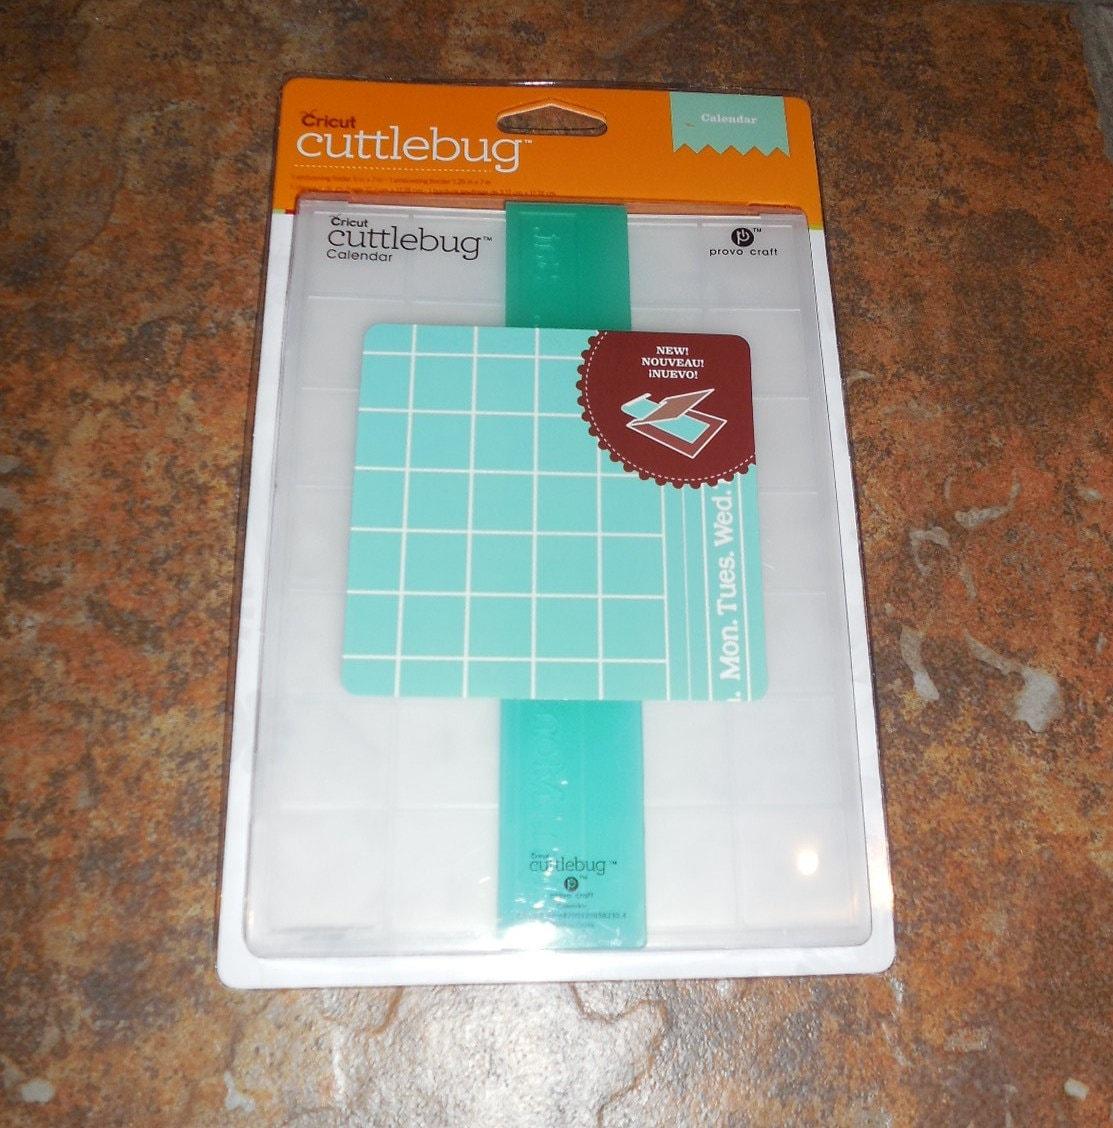 Provo craft cuttlebug 5x7 inch embossing folder calendar for Www cuttlebug crafts com